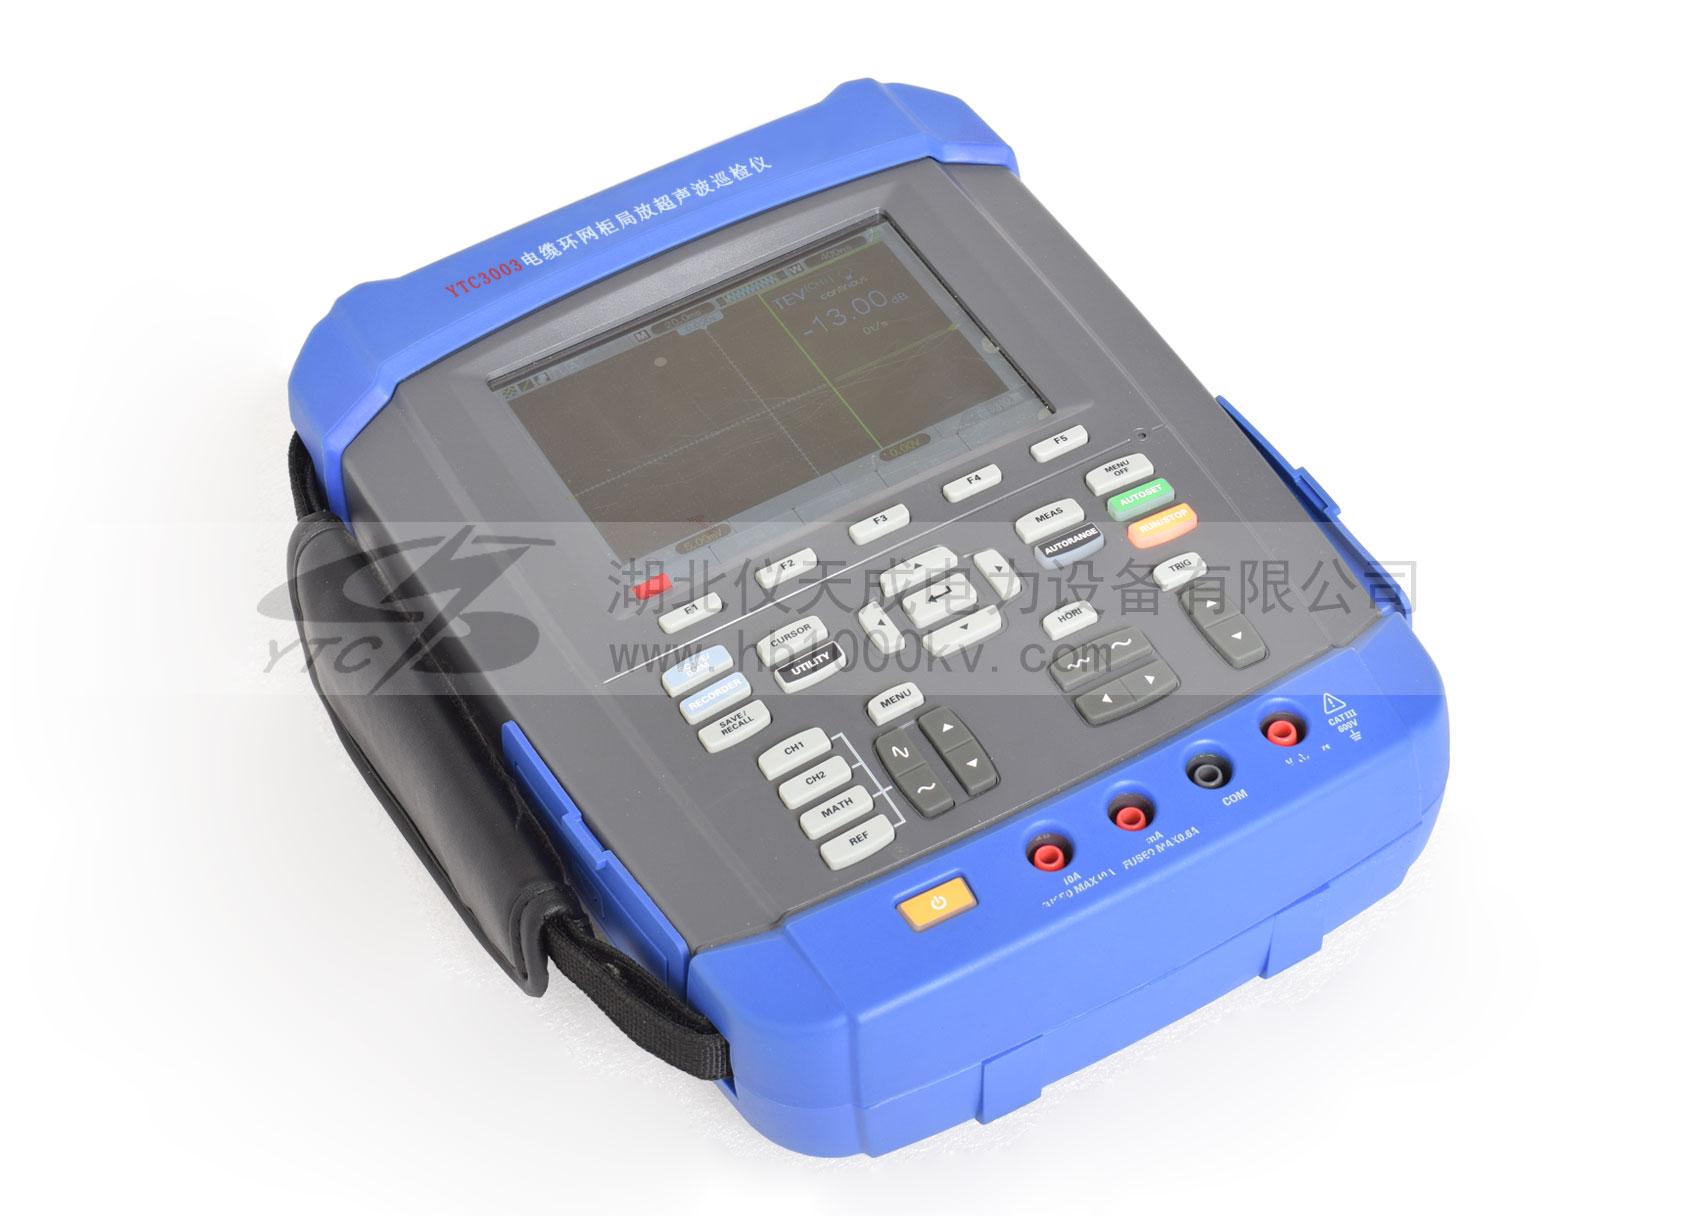 YTC3003手持式局放测试仪